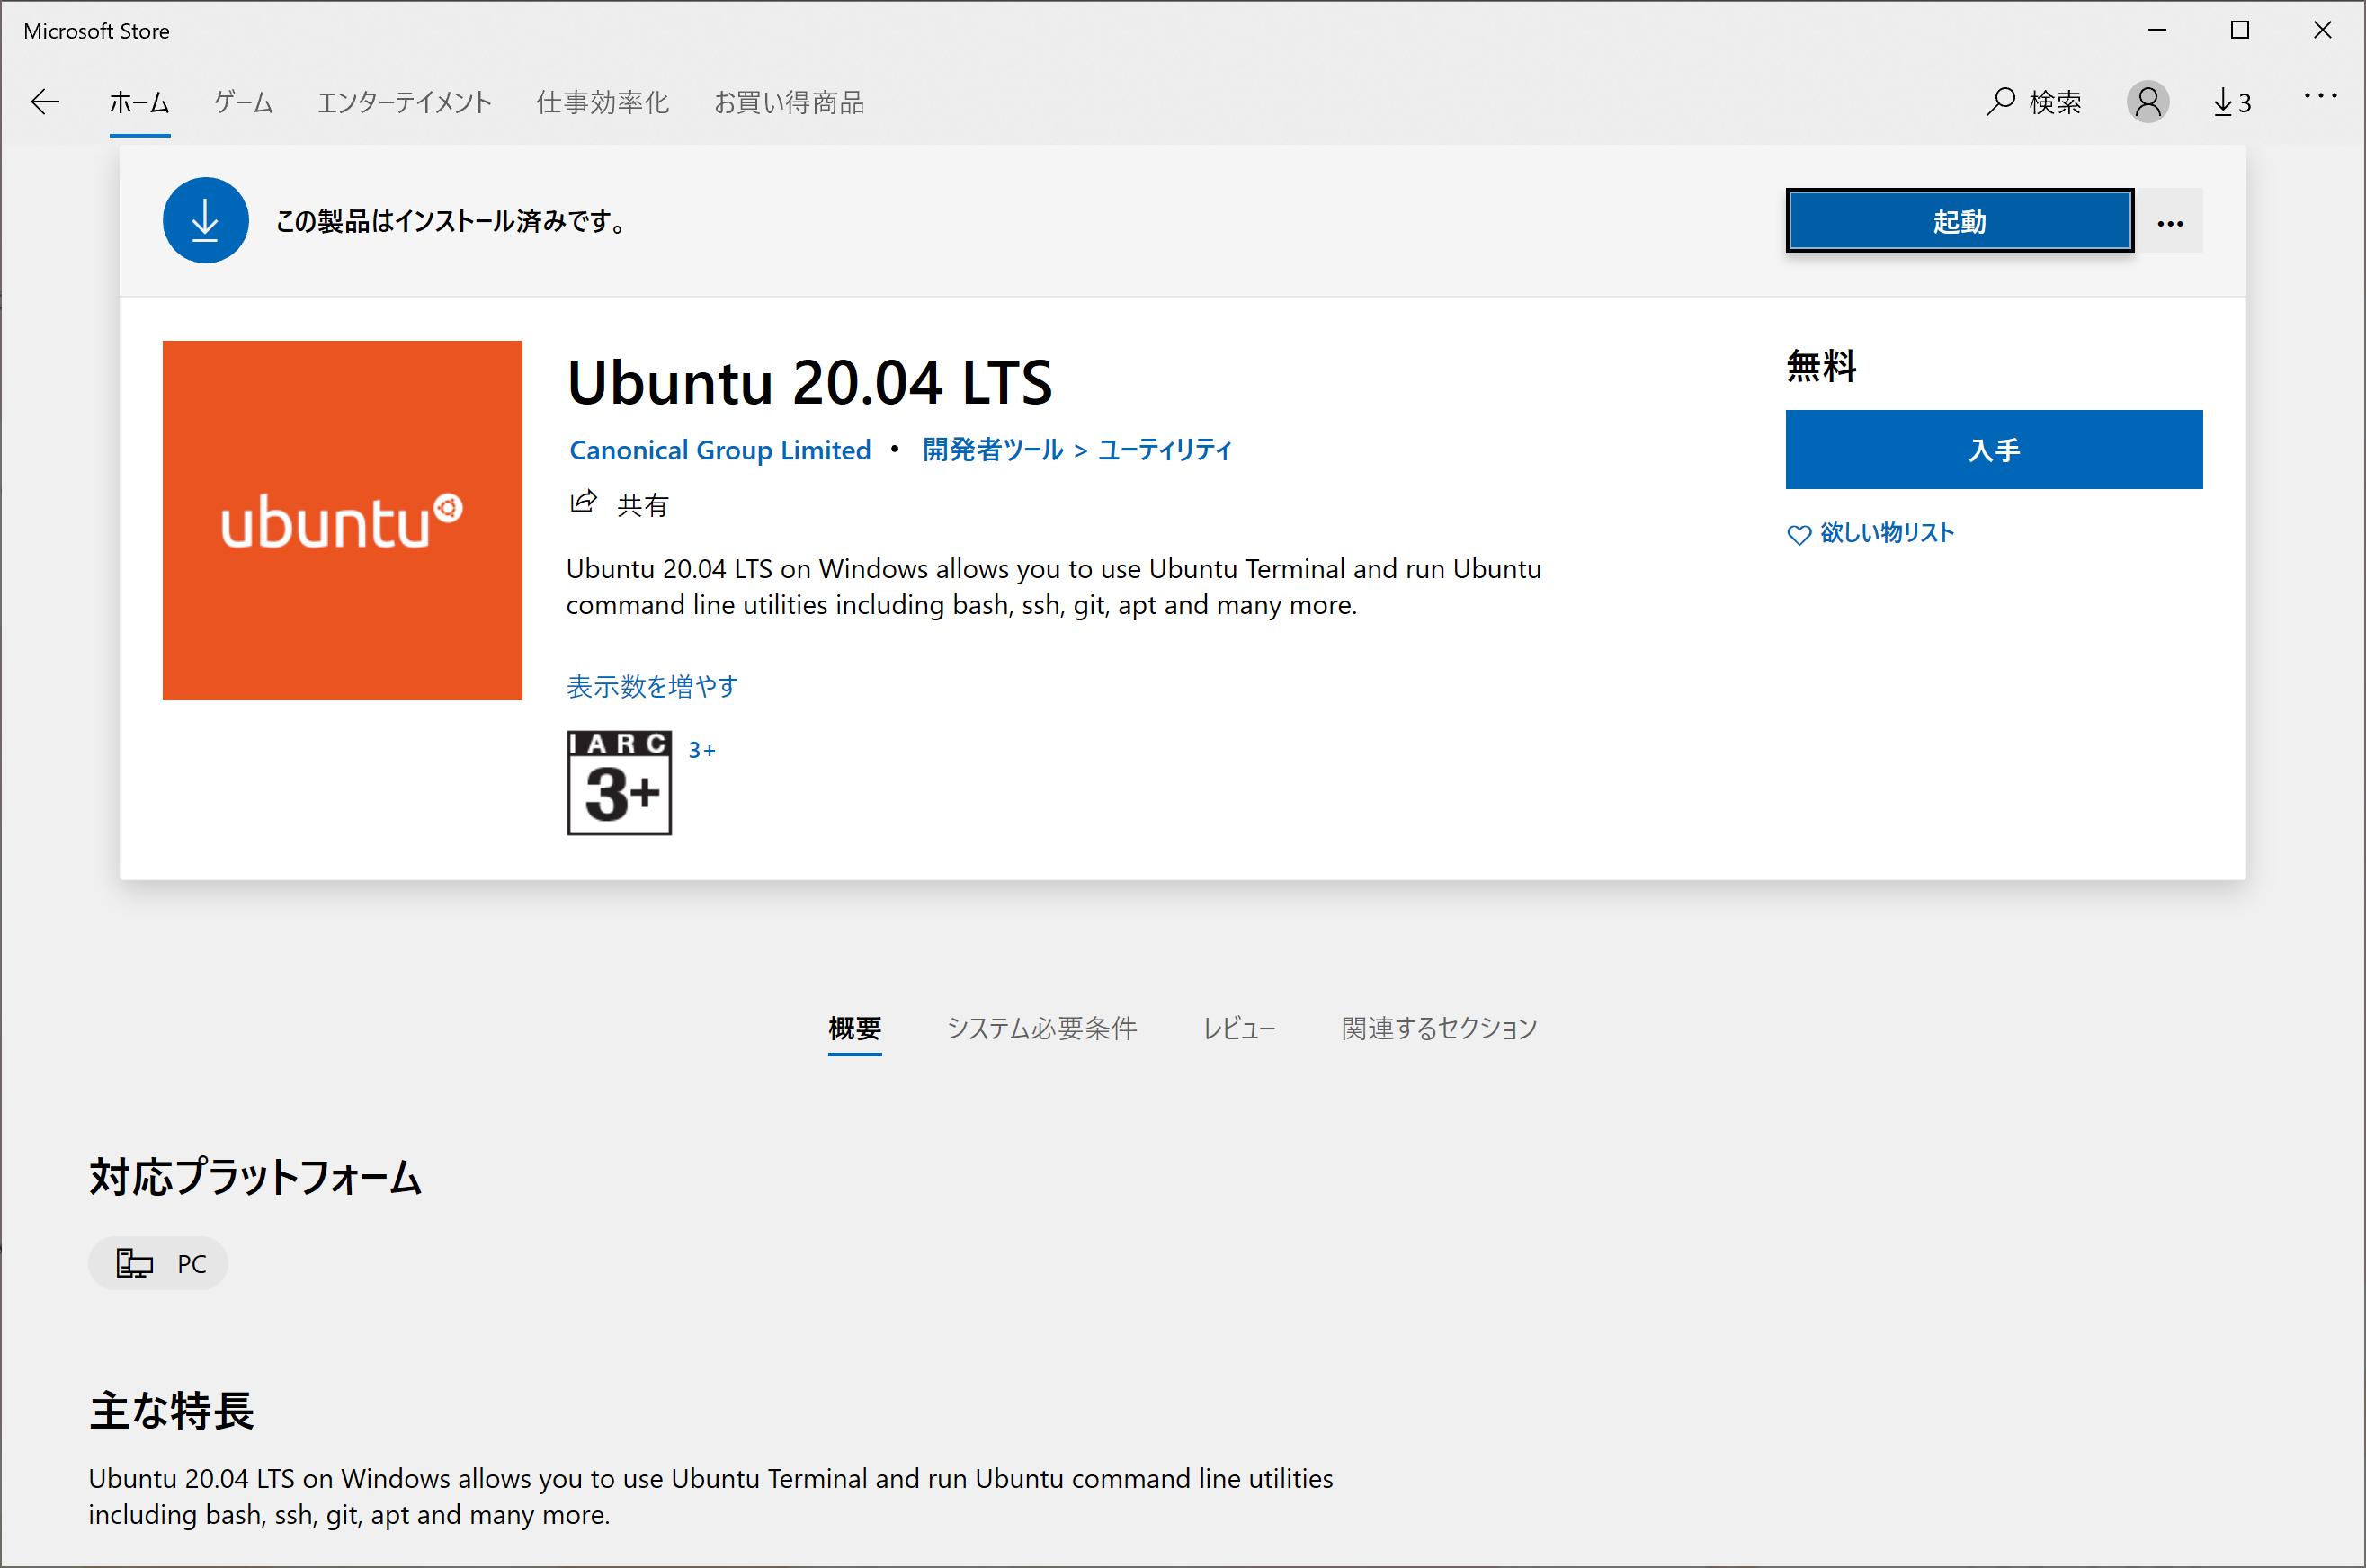 Microsoft Storeの「Ubuntu 20.04 LTS」のインストール完了画面